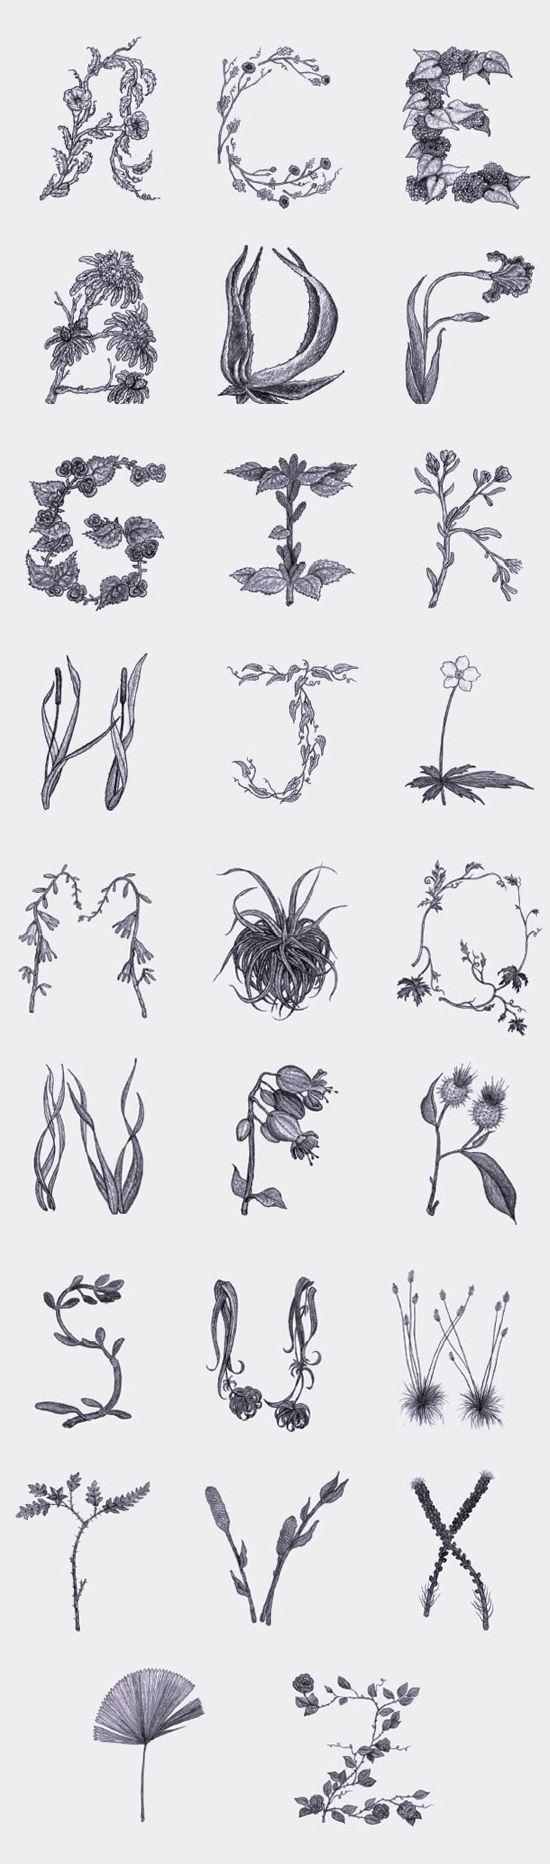 #botany #printshop